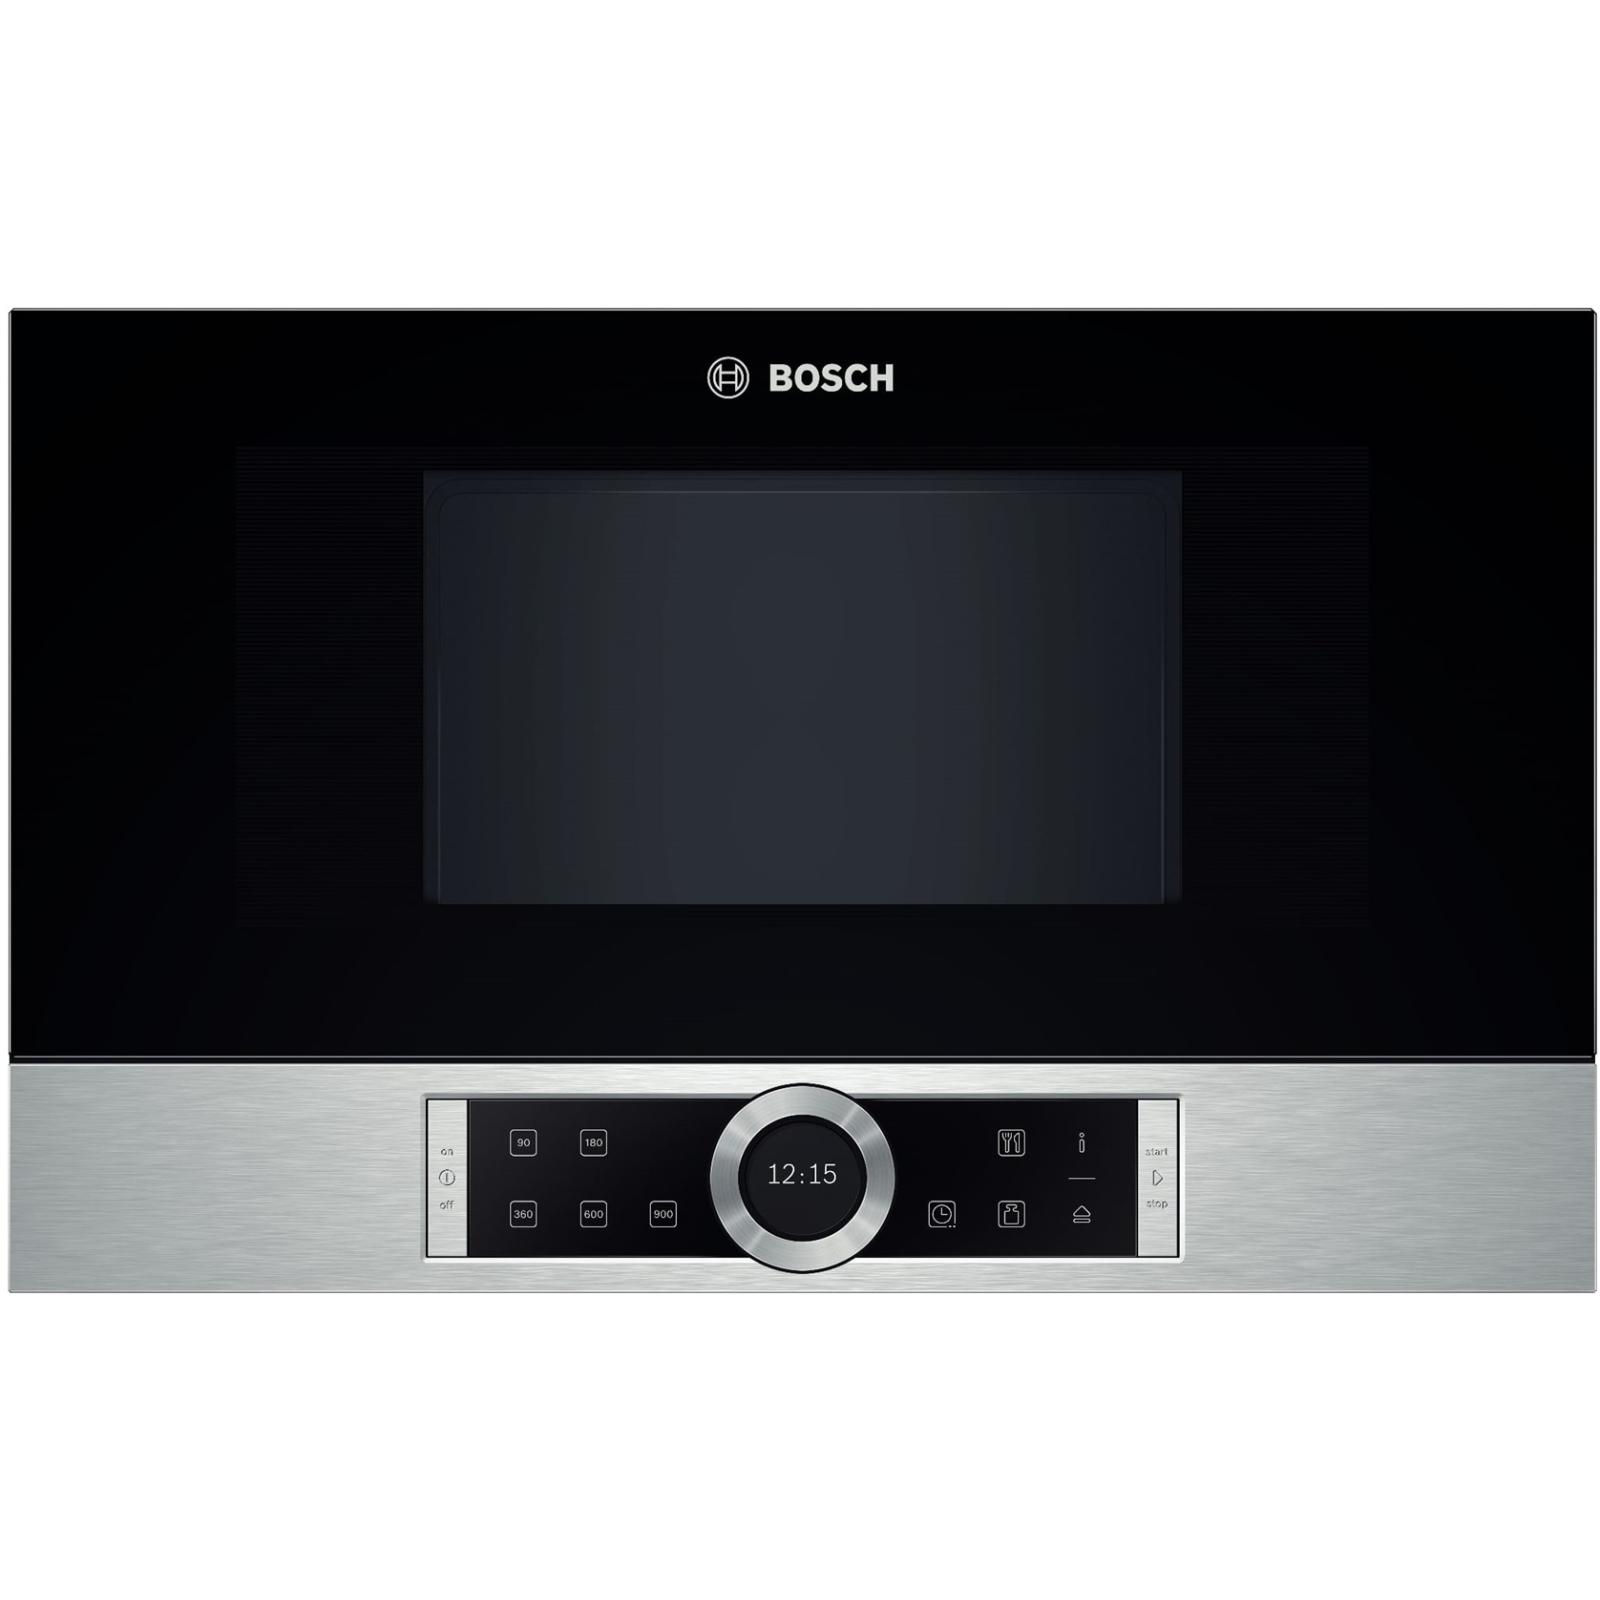 Микроволновая печь BOSCH BFL 634 GS1